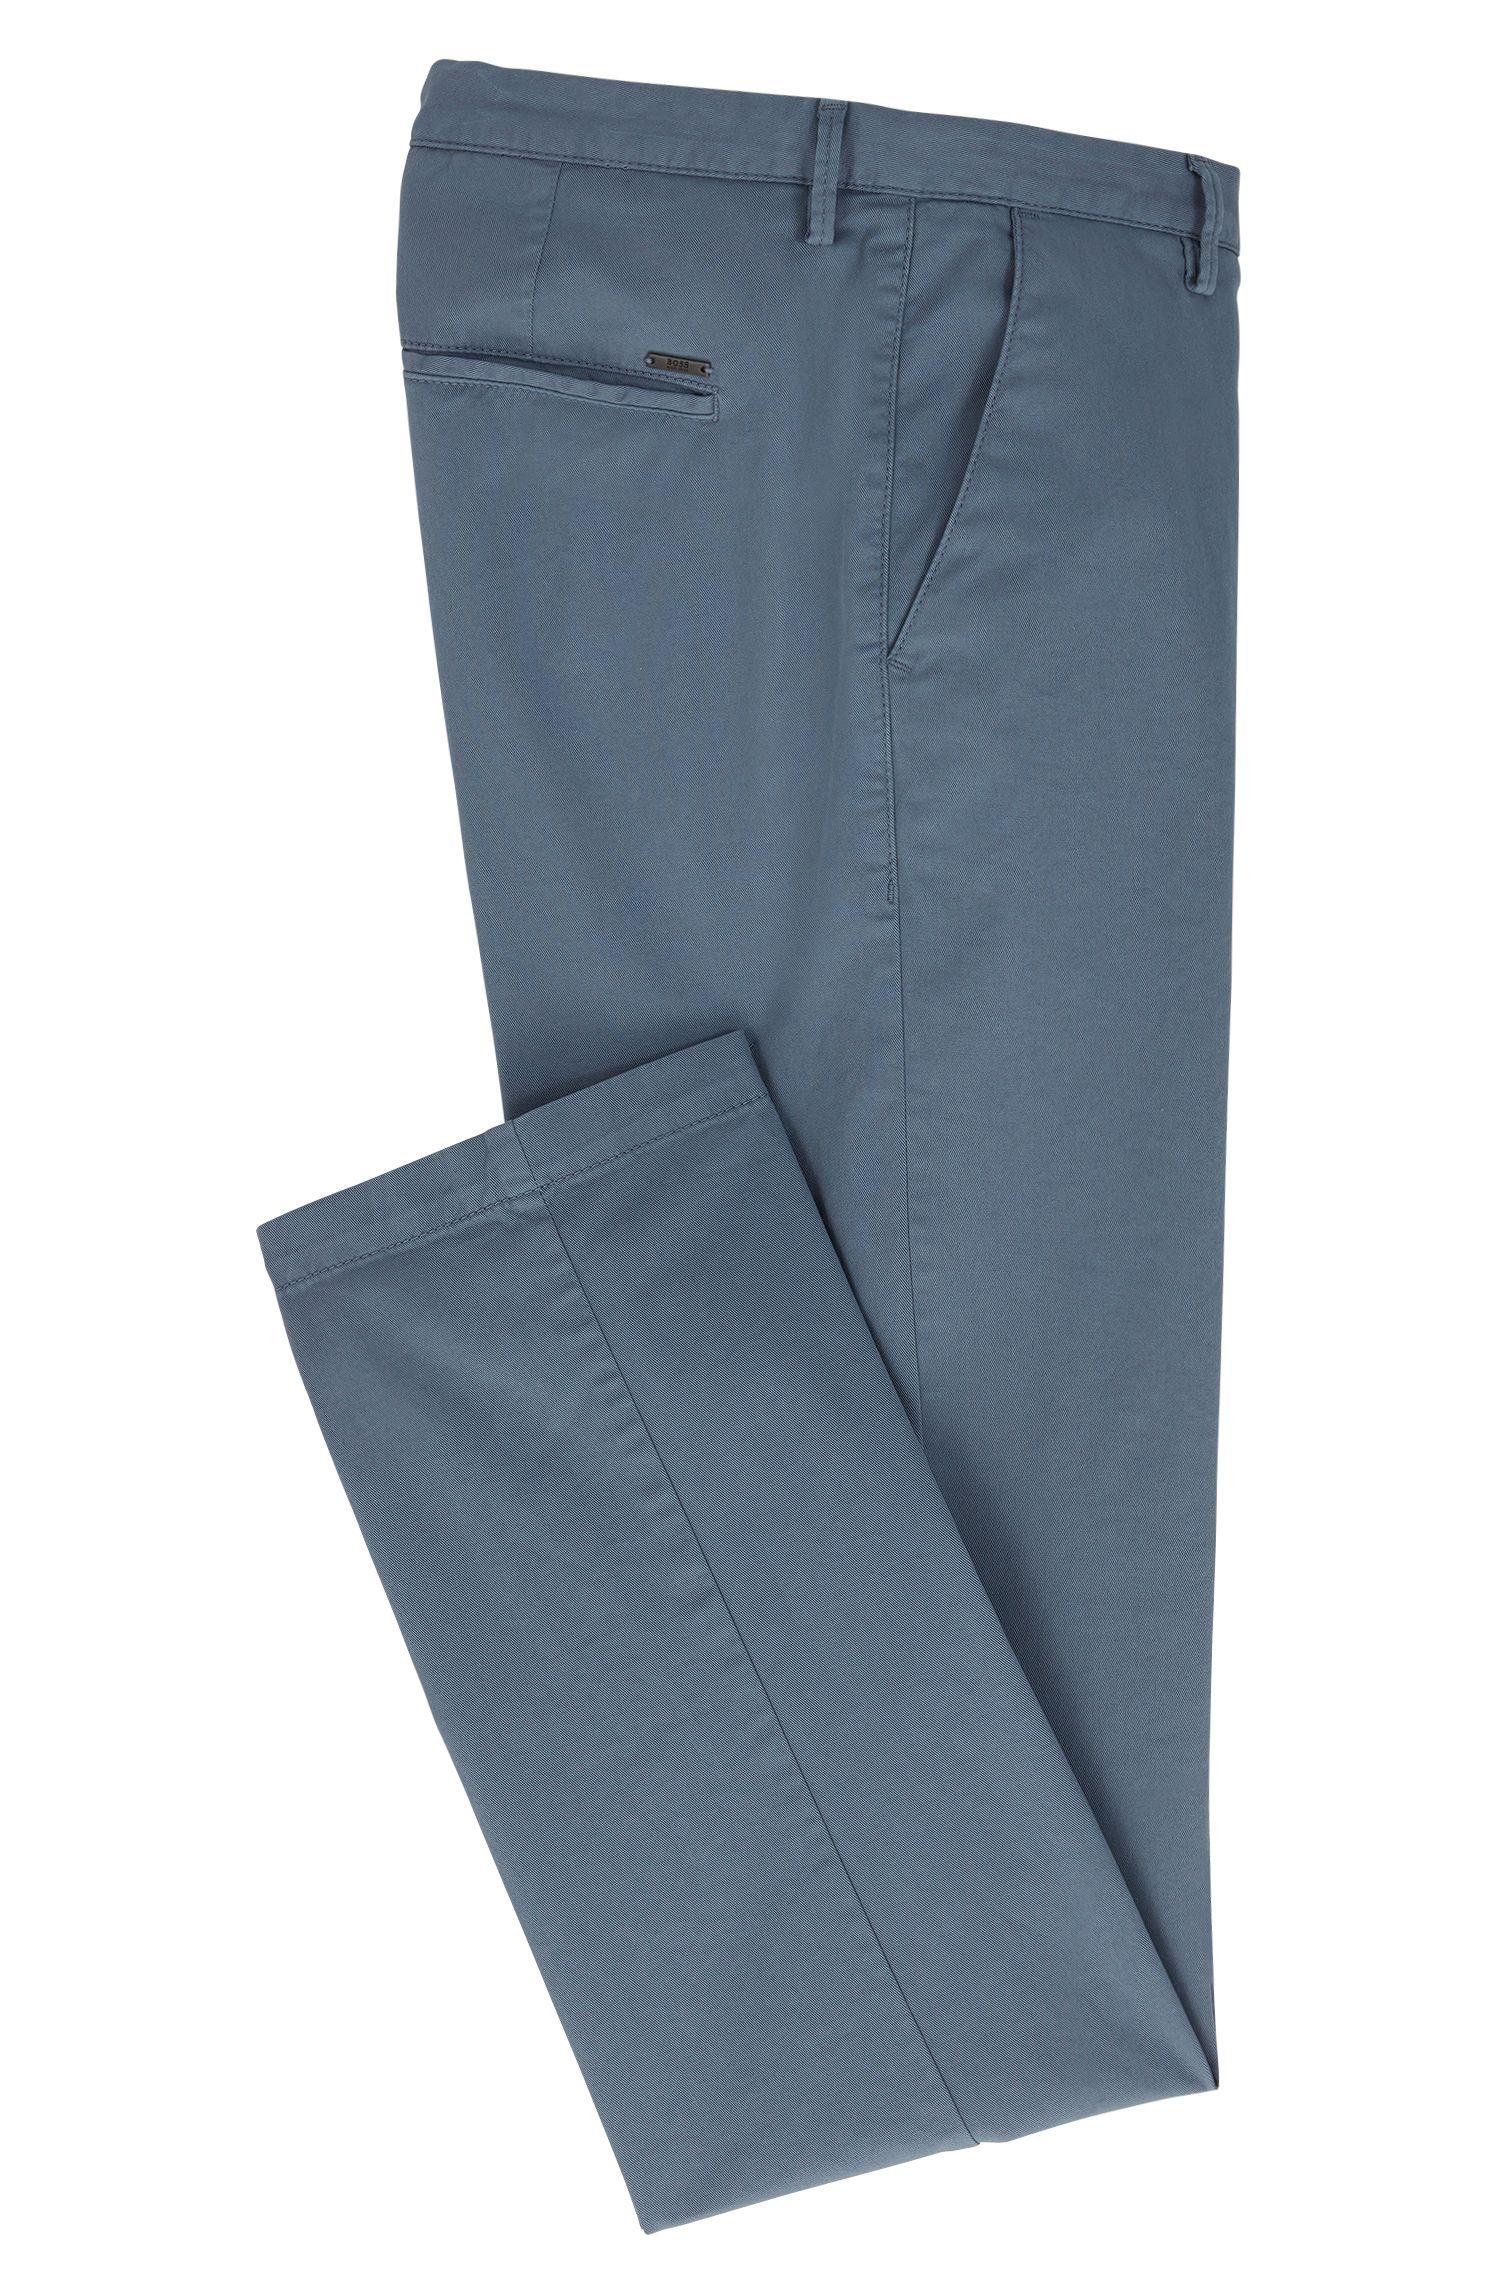 Chinos slim fit en tejido de gabardina de algodón elástico